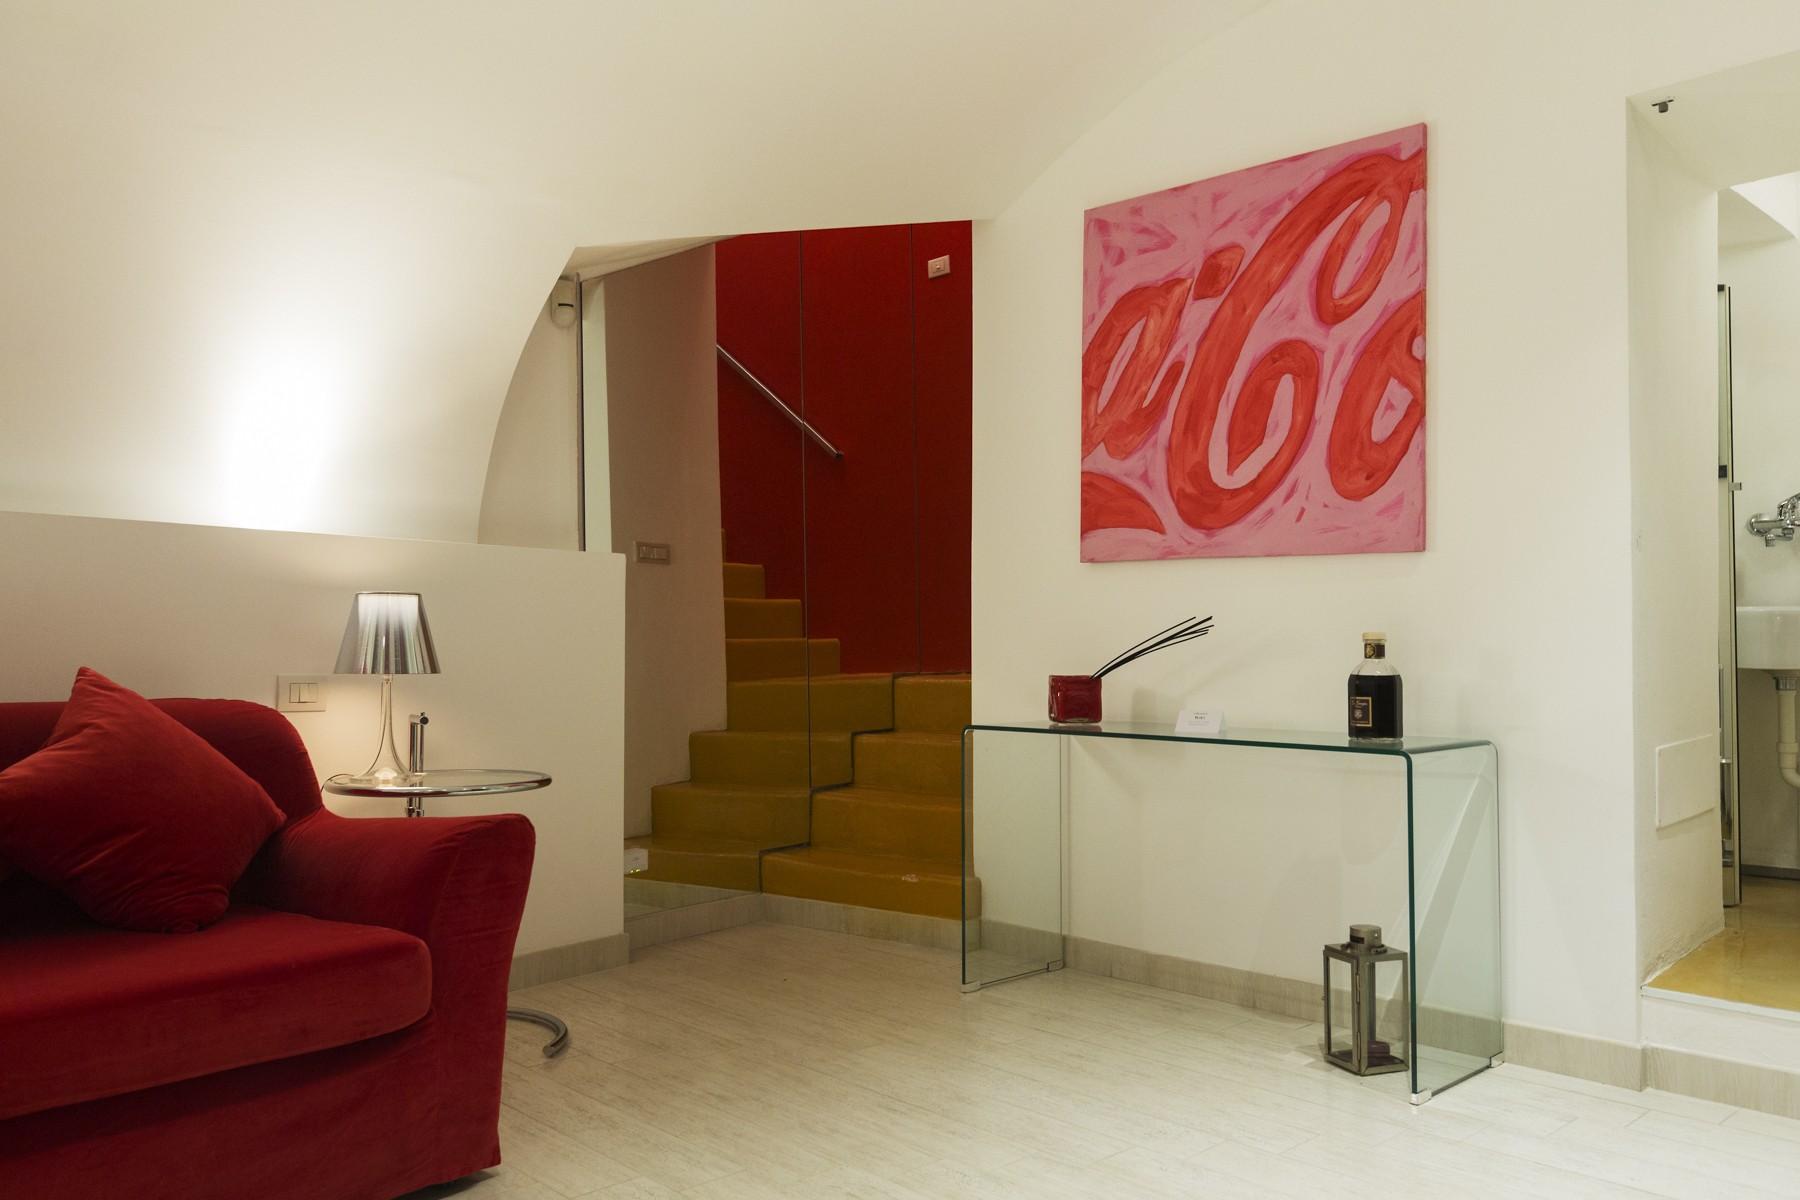 Casa indipendente di lusso in affitto a milano via cerva for Case di pregio a milano